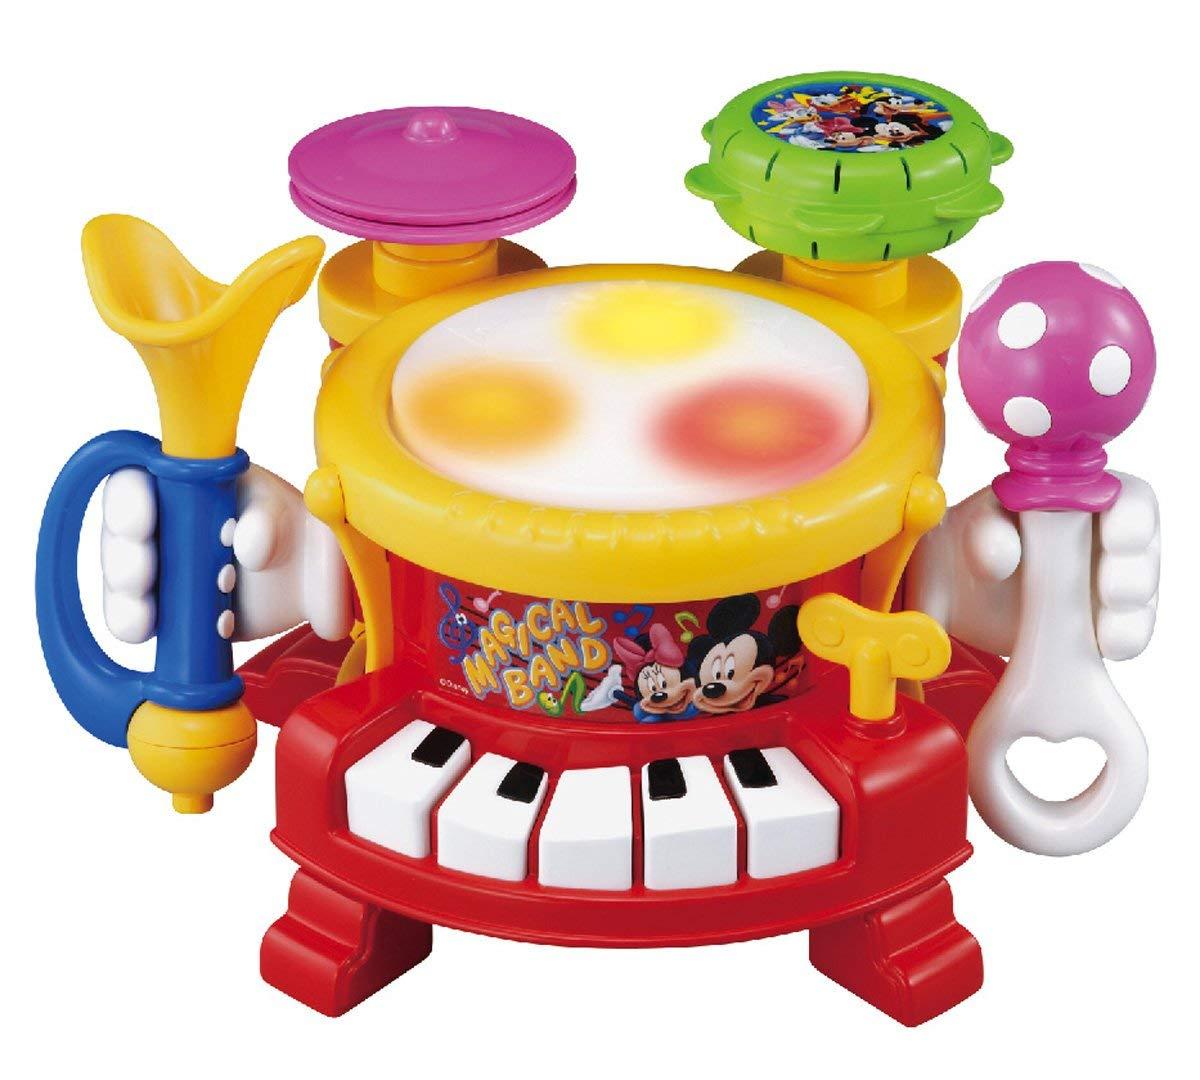 日本TAKARA TOMY / 幼兒統感音樂玩具 / MTAA-C07-S301。1色。(3980*2.4)-日本必買 日本樂天代購 1